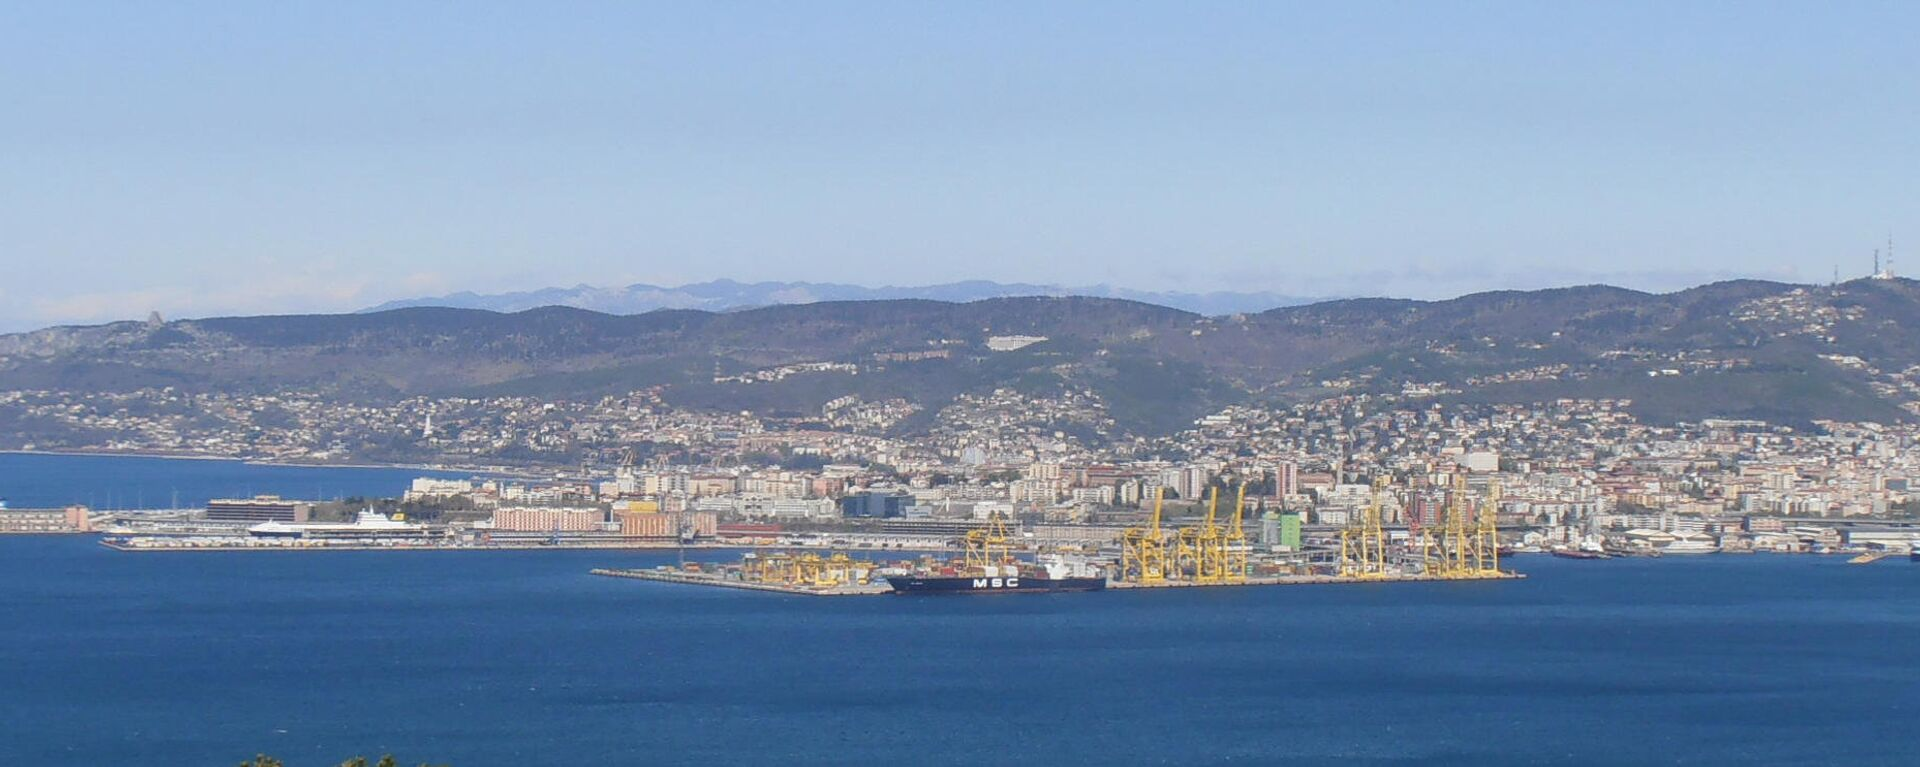 Il porto nuovo di Trieste - Sputnik Italia, 1920, 13.10.2021